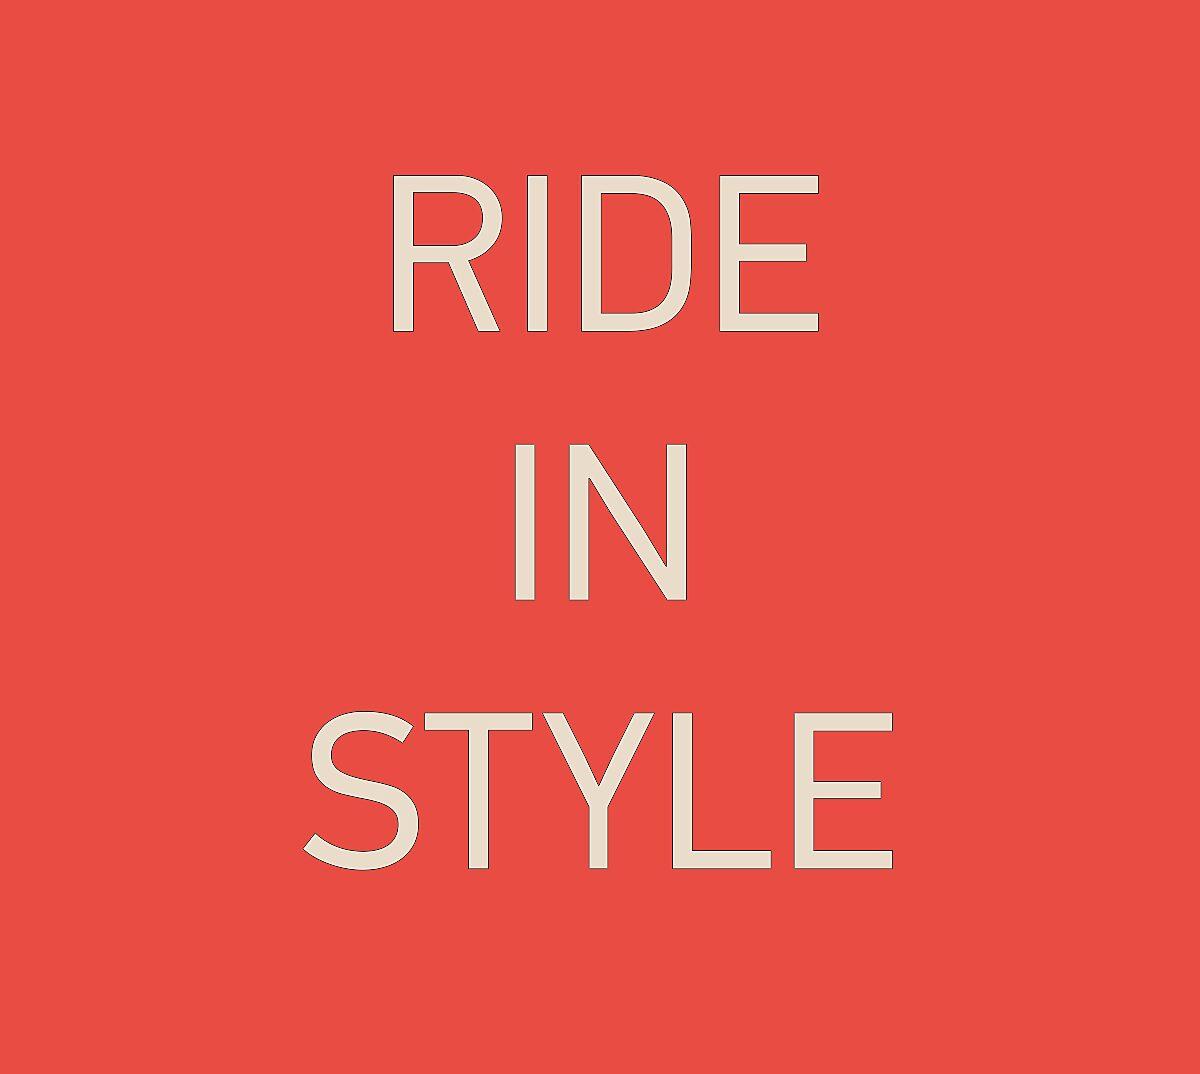 Rideinstyle